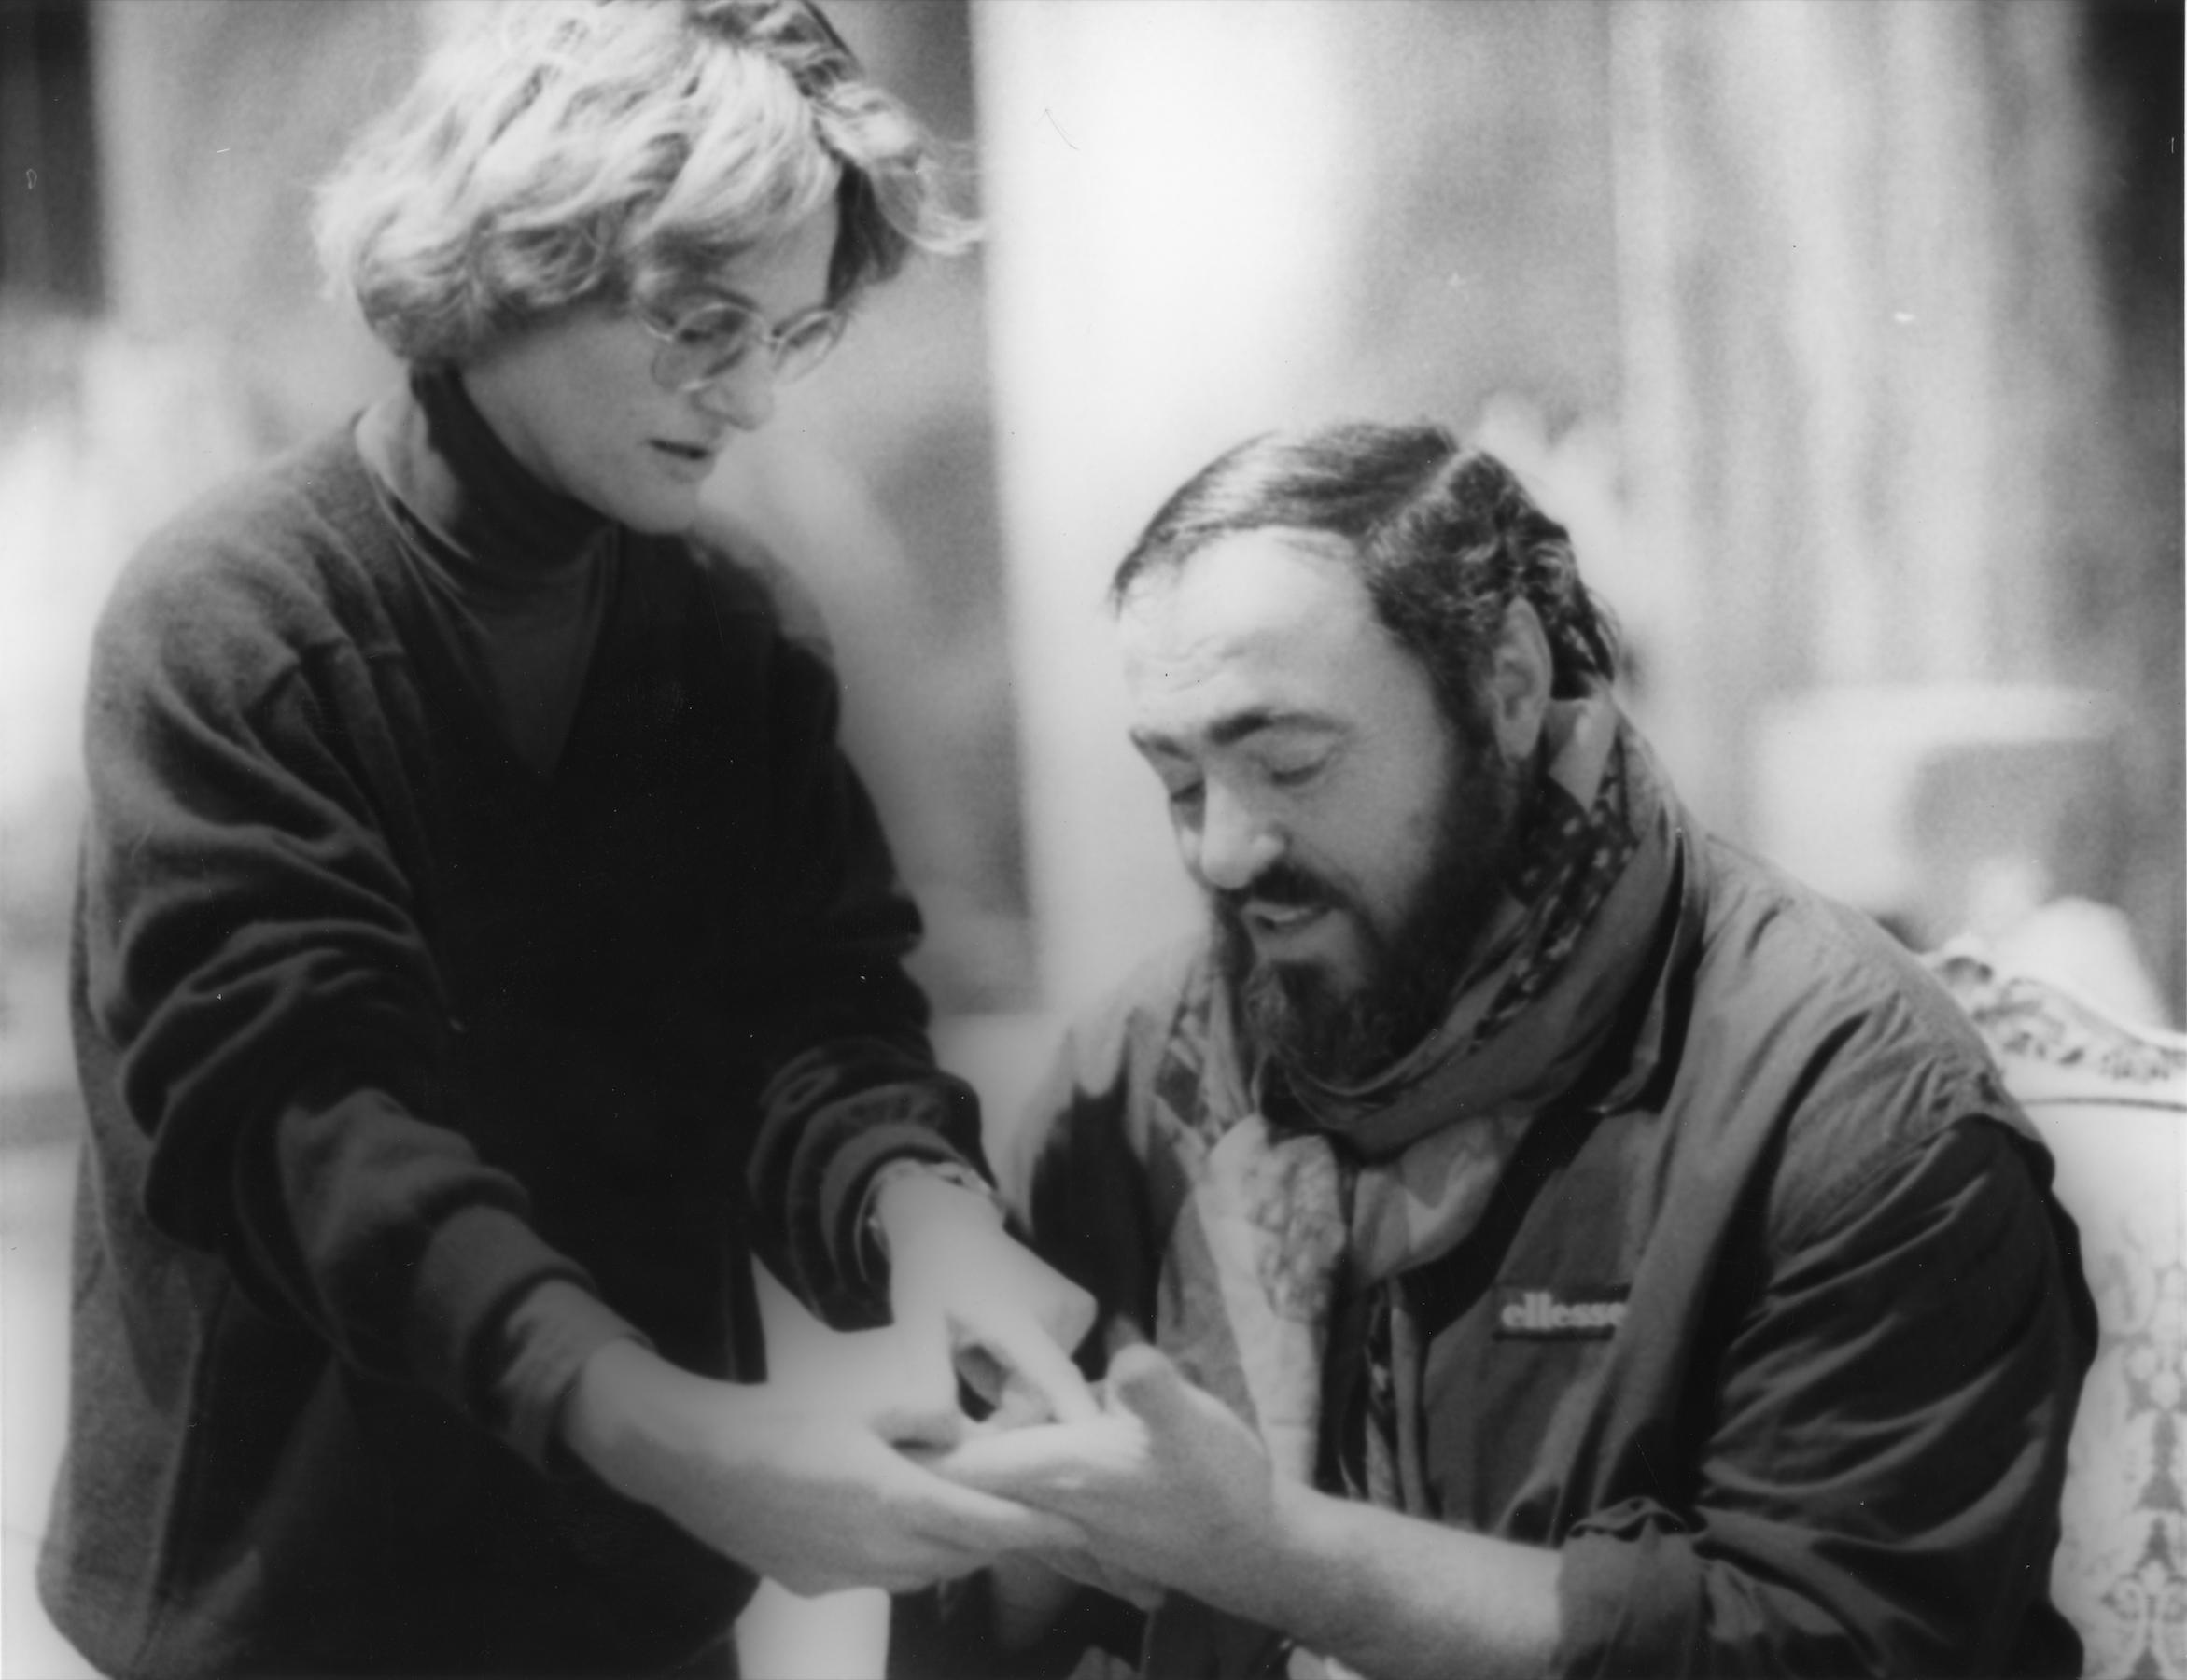 Un ballo in maschera | Luciano Pavarotti e Sonja Frisell | 1988-1989_bianco e nero_@Primo Gnani-Lorenzo Capellini